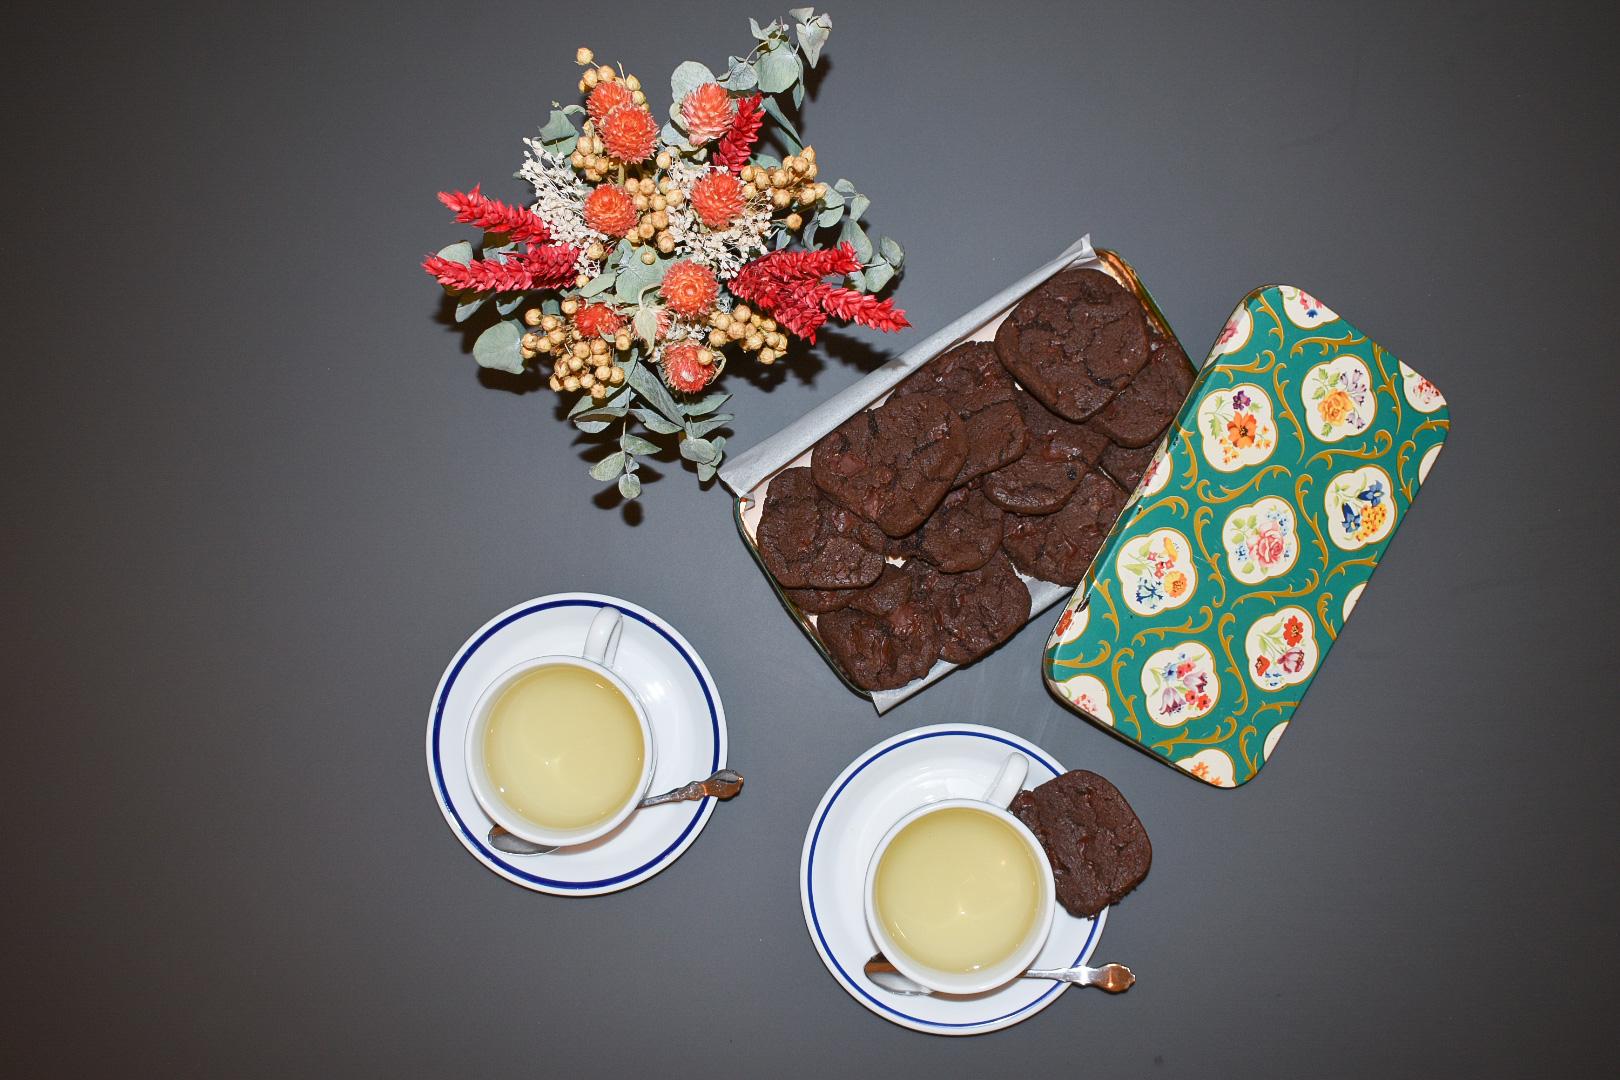 Periodo amaro, dolce rimedio | Biscotti al cioccolato e fleur de sel